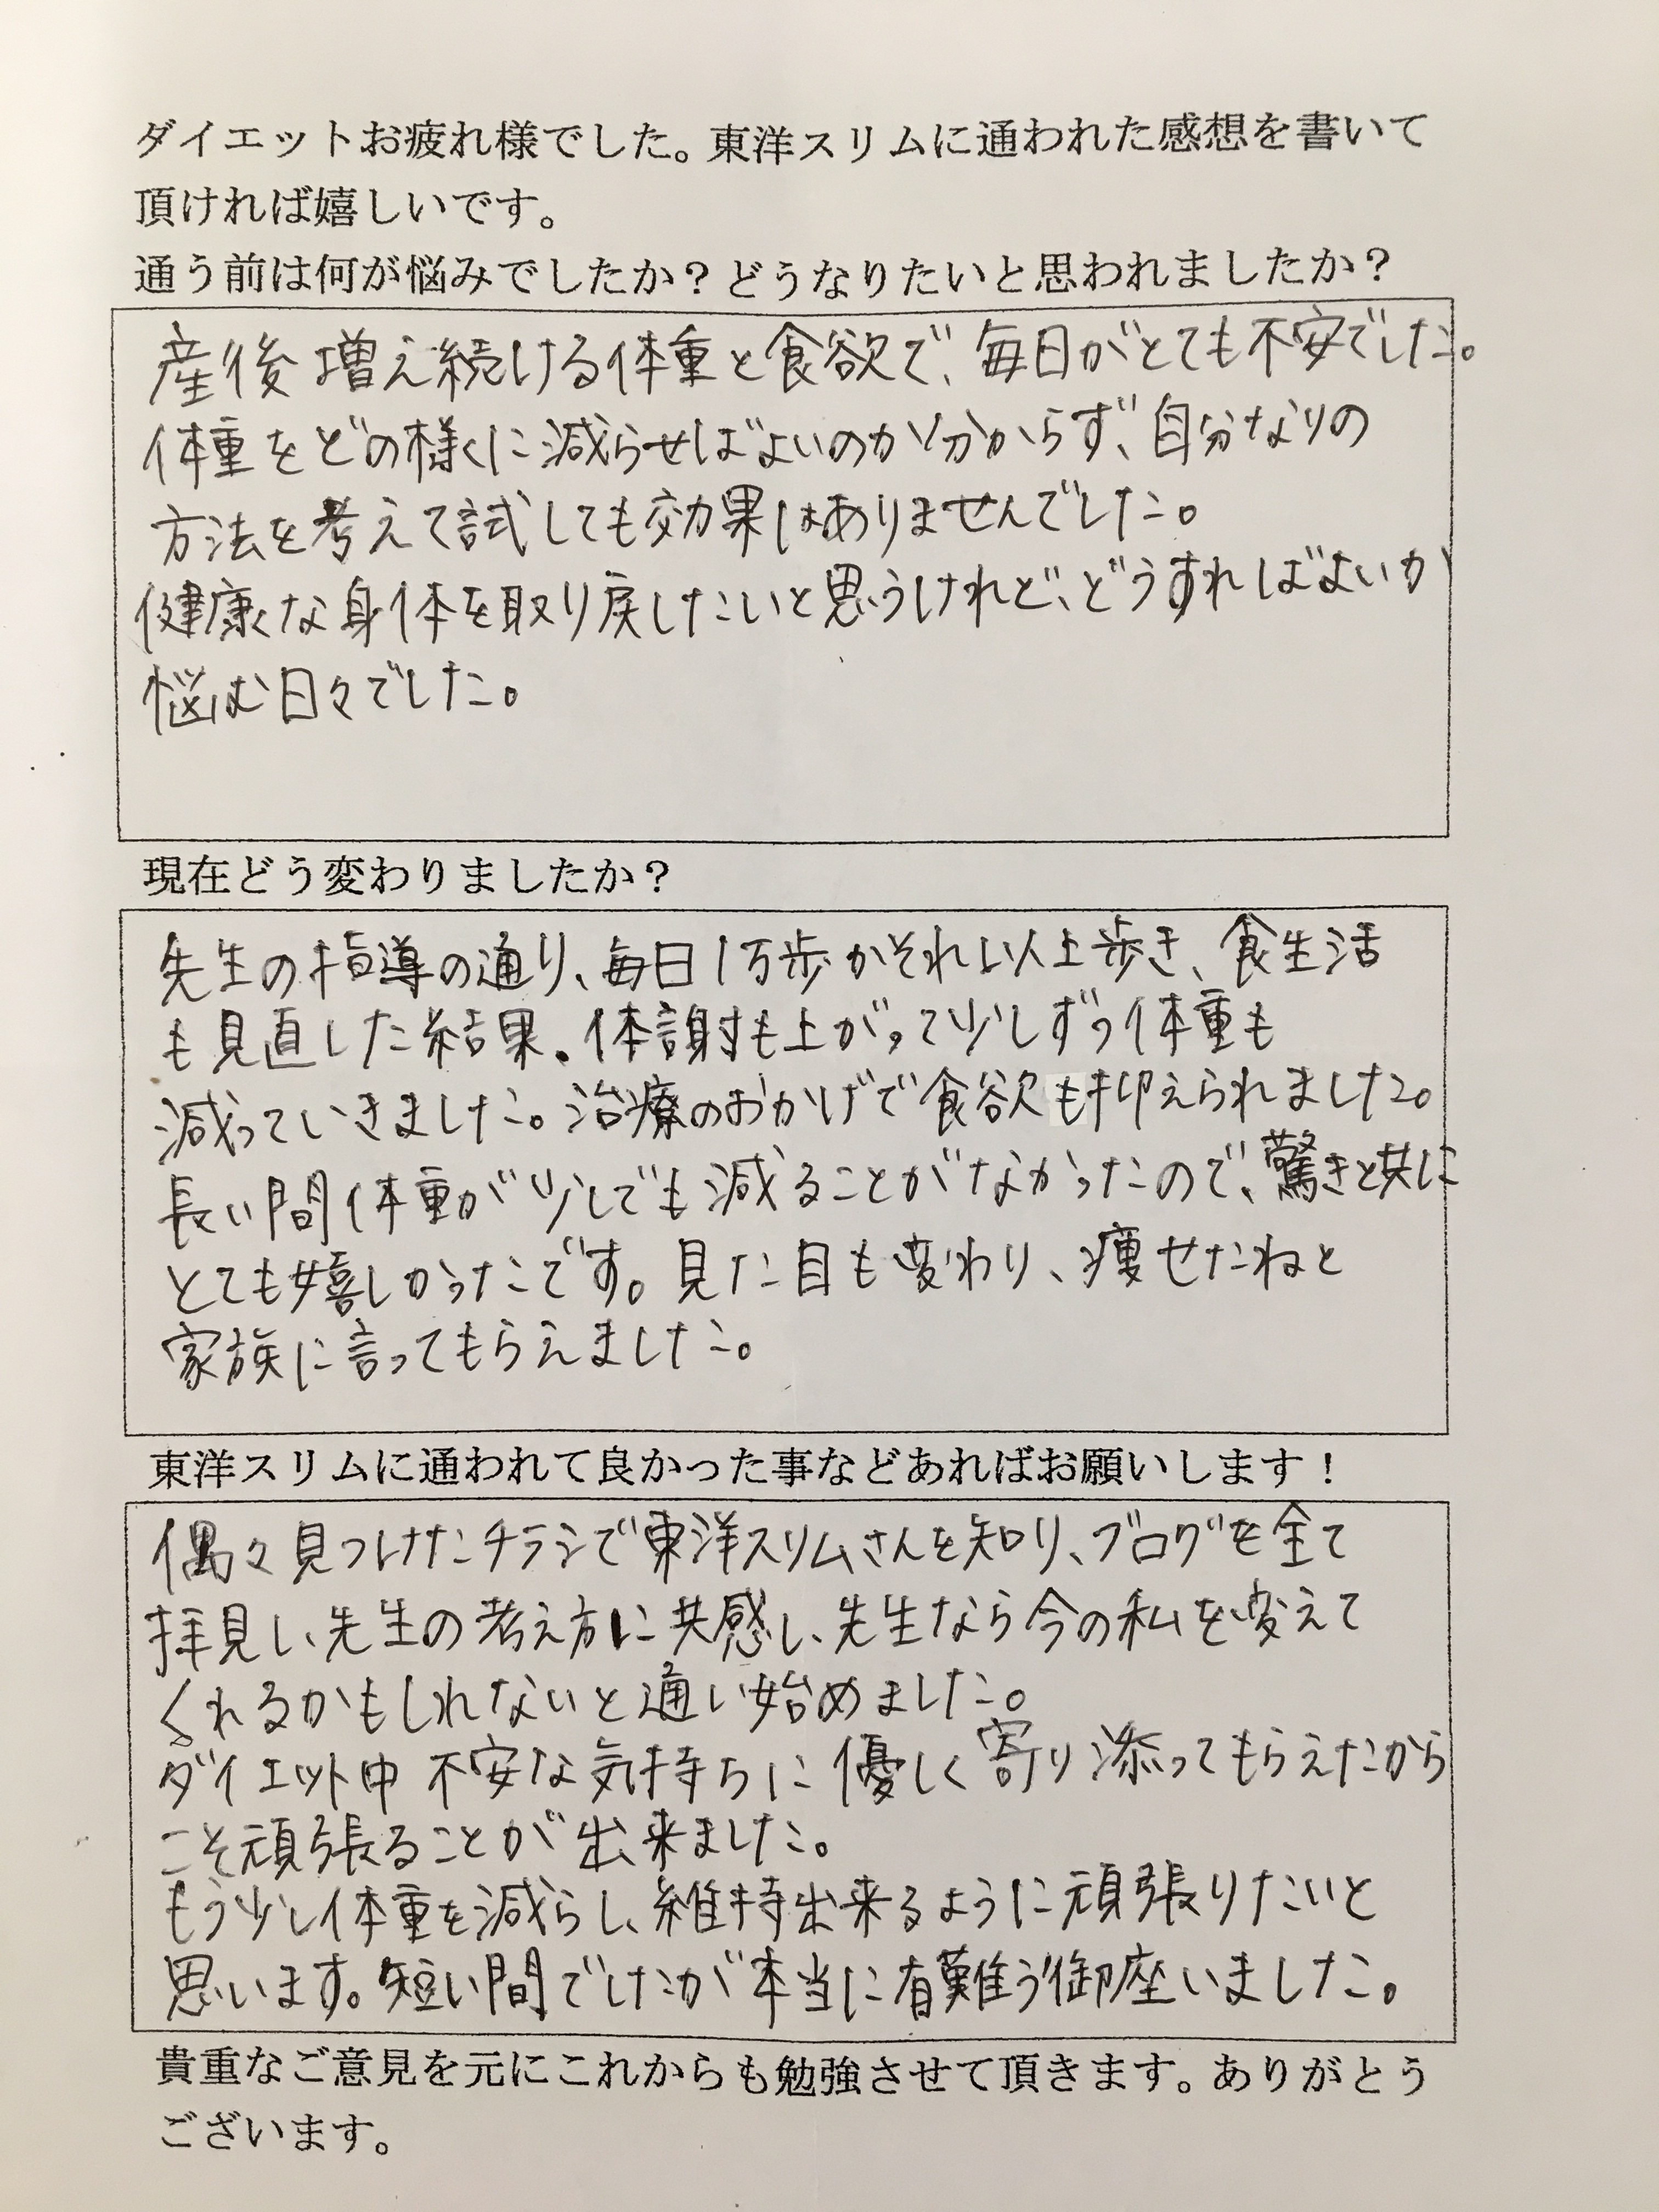 [皆様の声]大阪市阿倍野区Hさん(30代)耳ツボダイエット7.6kg成功。痩せたねと家族に言ってもらえました。